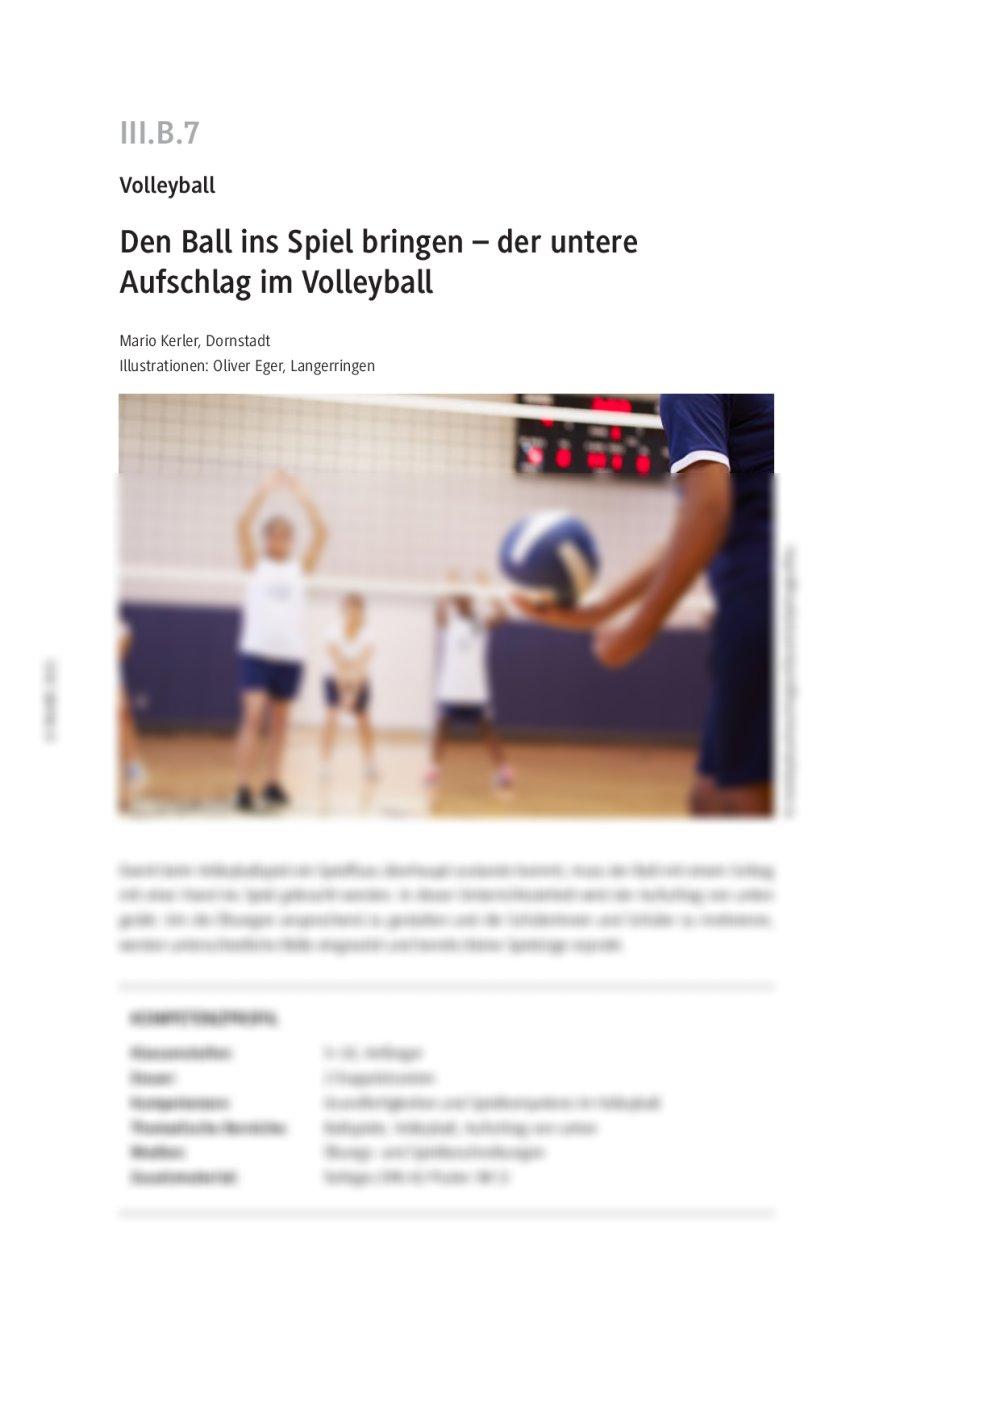 Der untere Aufschlag im Volleyball - Seite 1